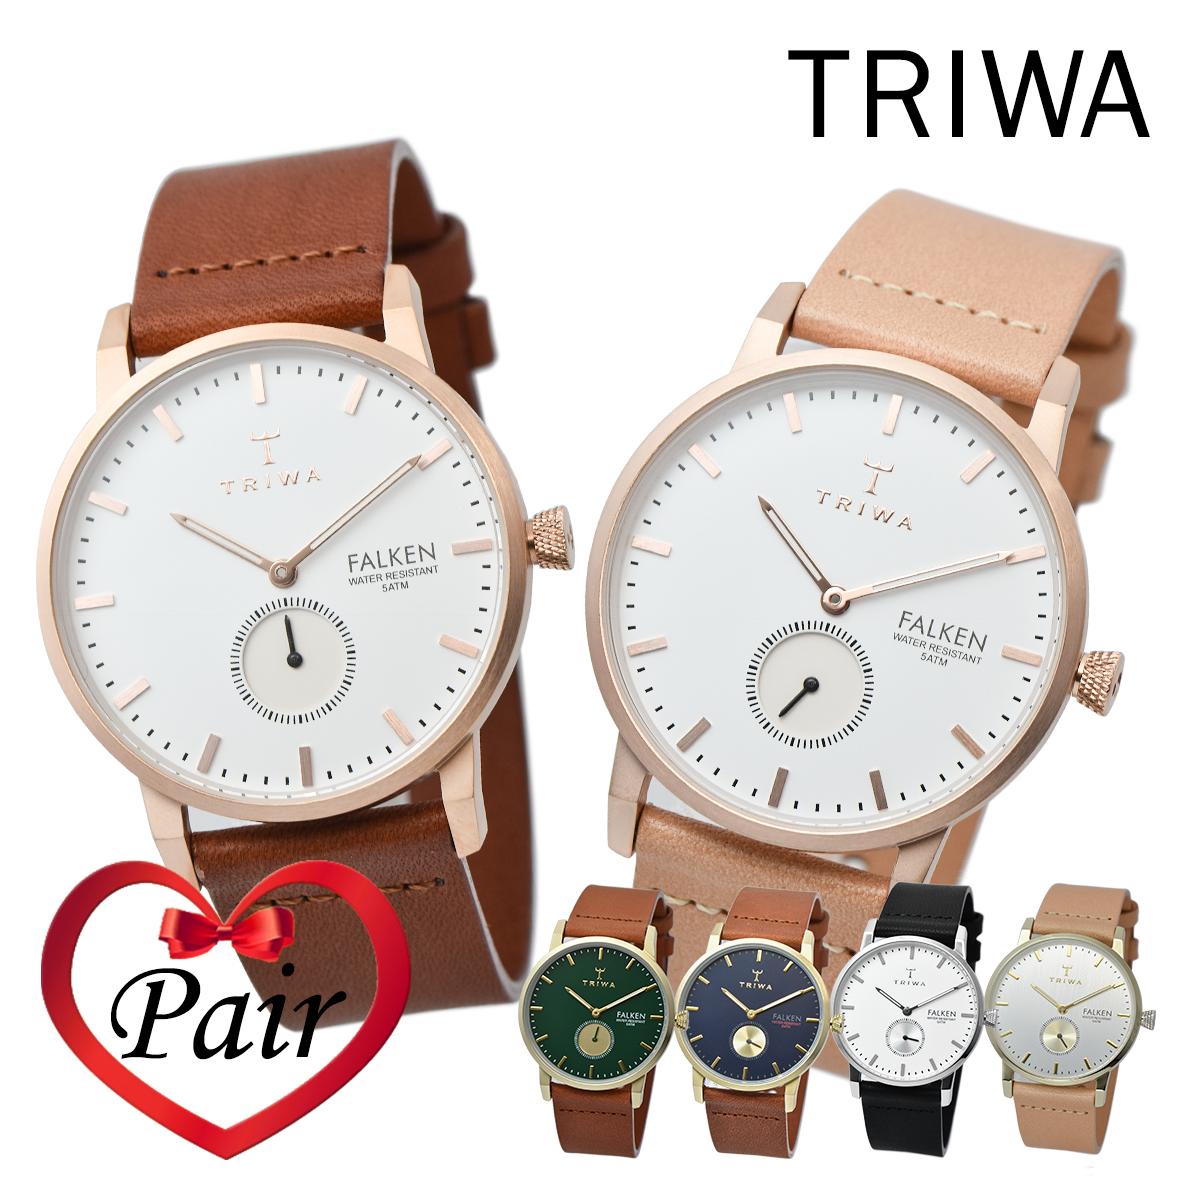 【全品送料無料】 TRIWA トリワ FALKEN ペアウォッチ メンズ レディース プレゼント 時計 腕時計[あす楽]